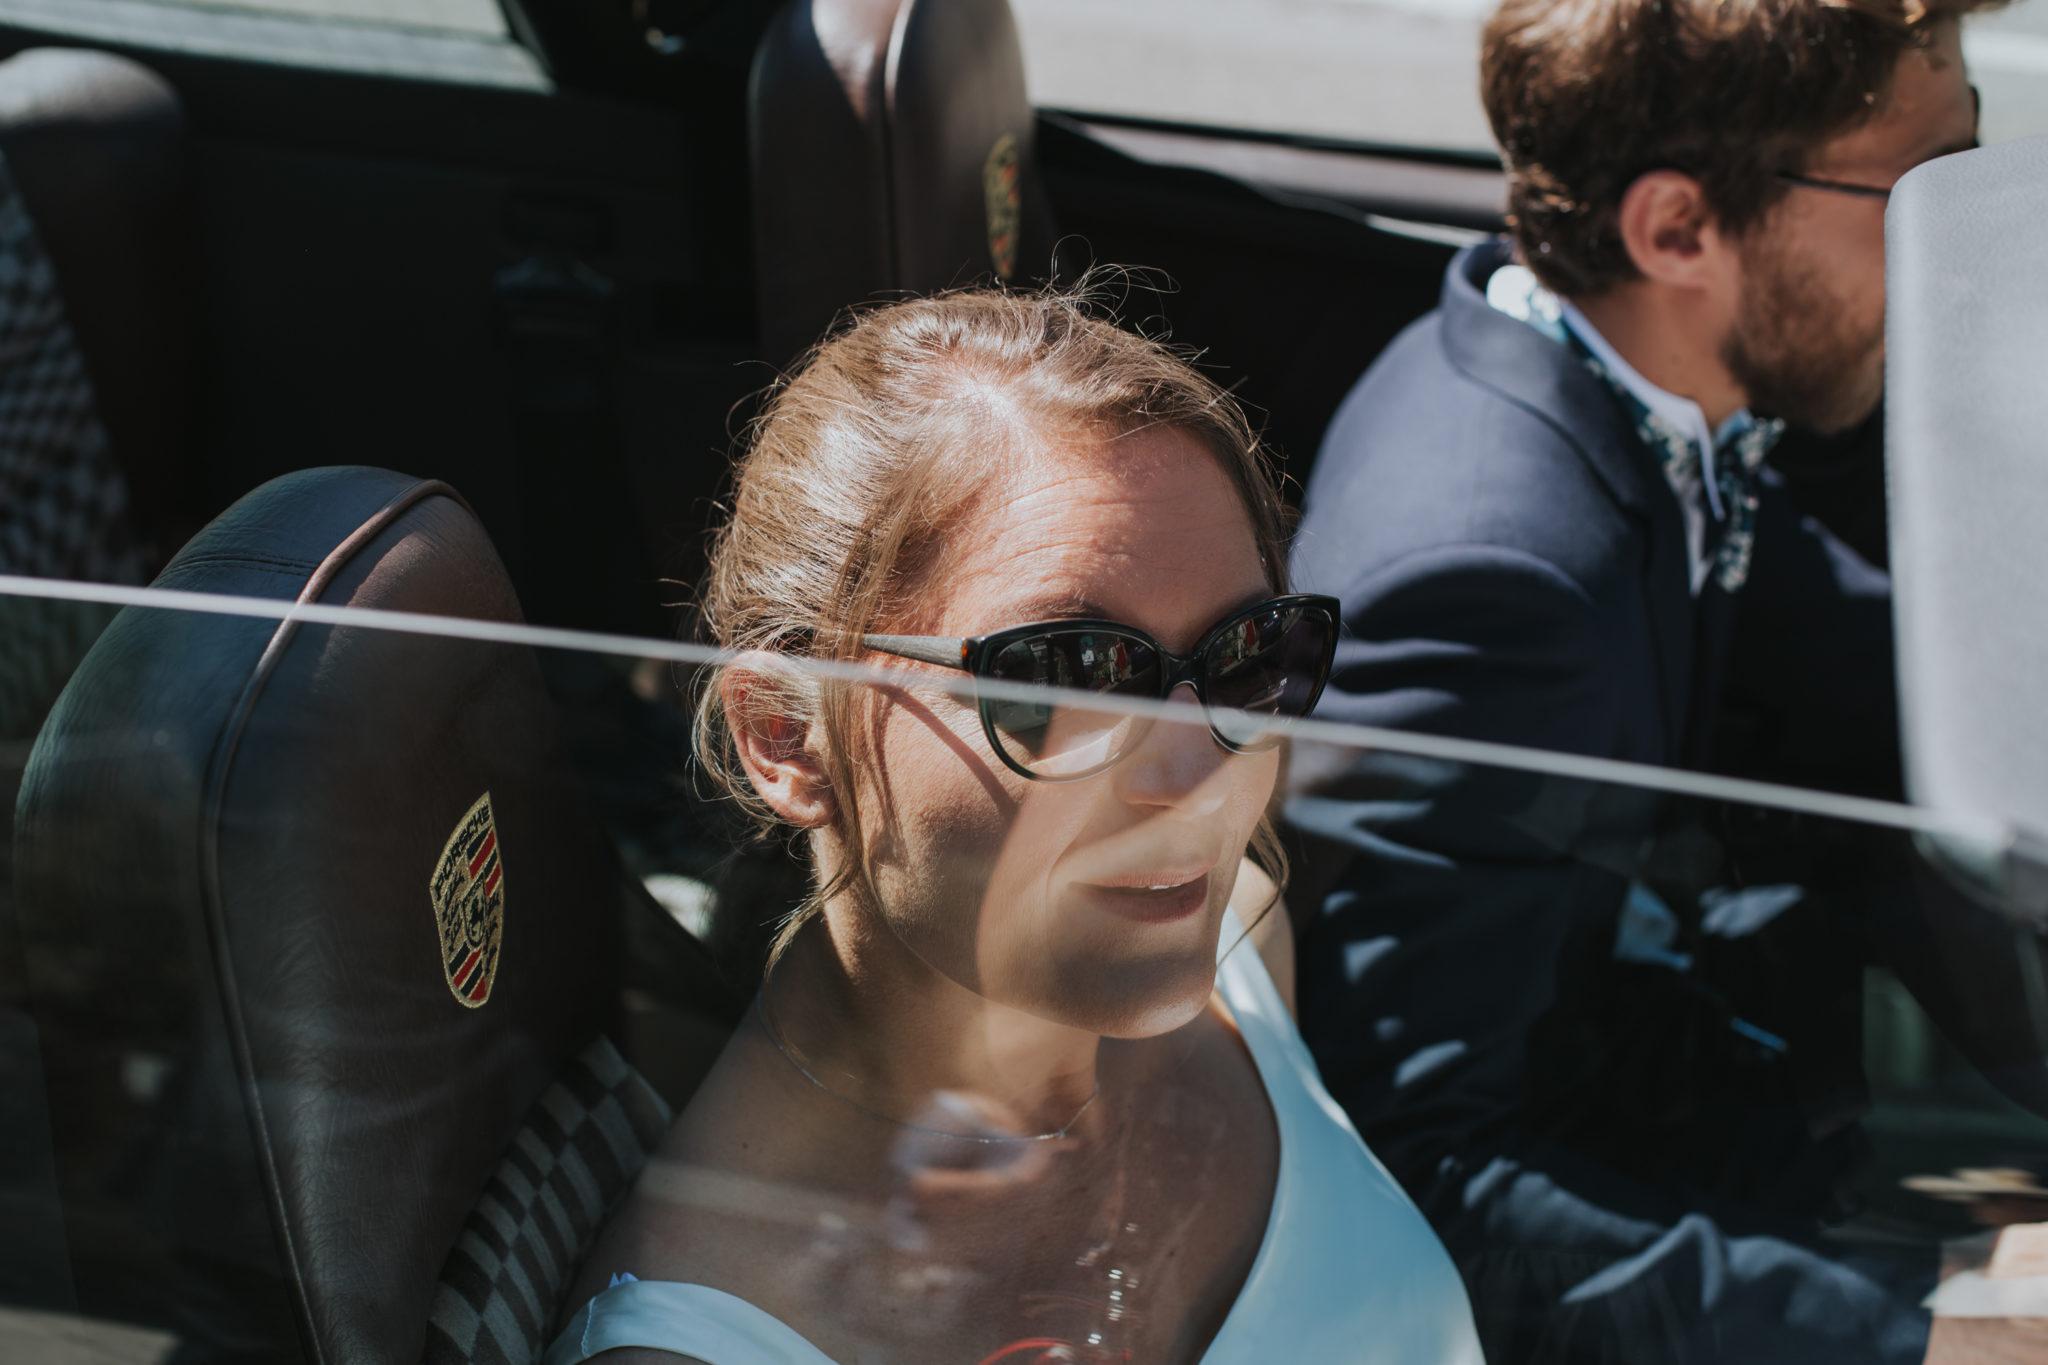 Arrivée mariés Porsche décapotable mairie La Baule Chateau-Saint-Marc St Nazaire Atlantique